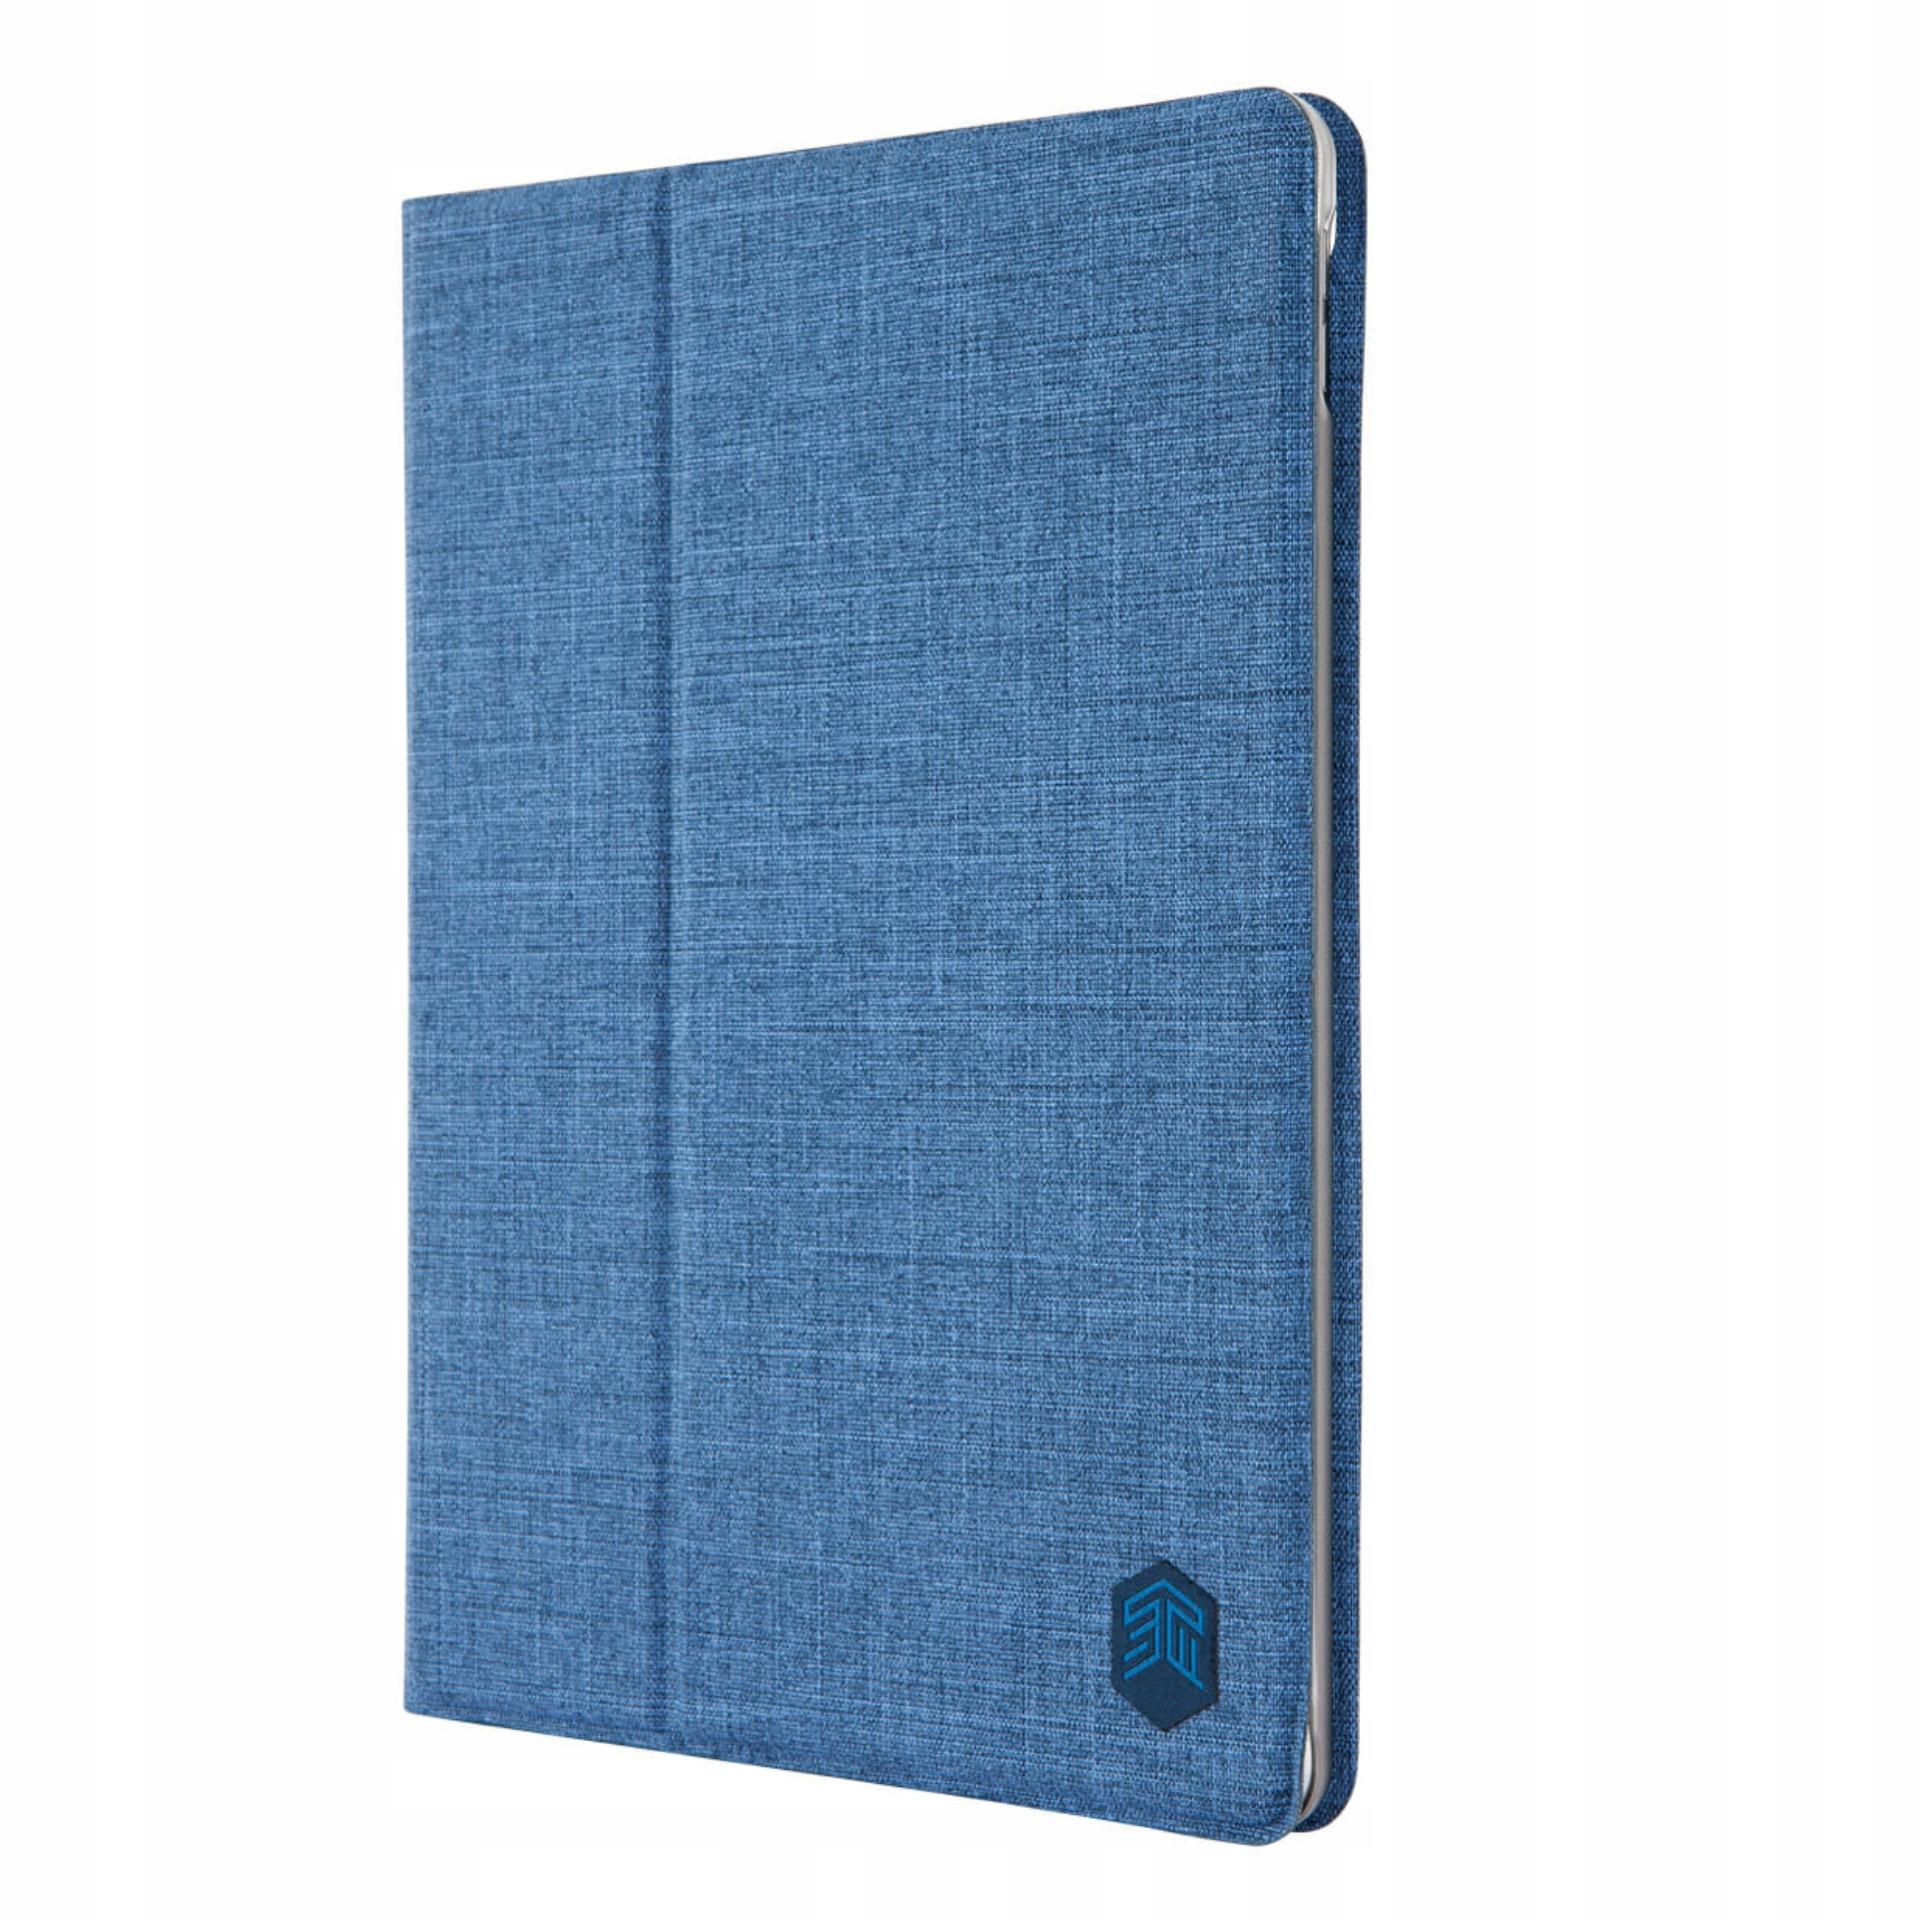 Stm Atlas Futerał obudowa do iPad 10.5 Pro Air